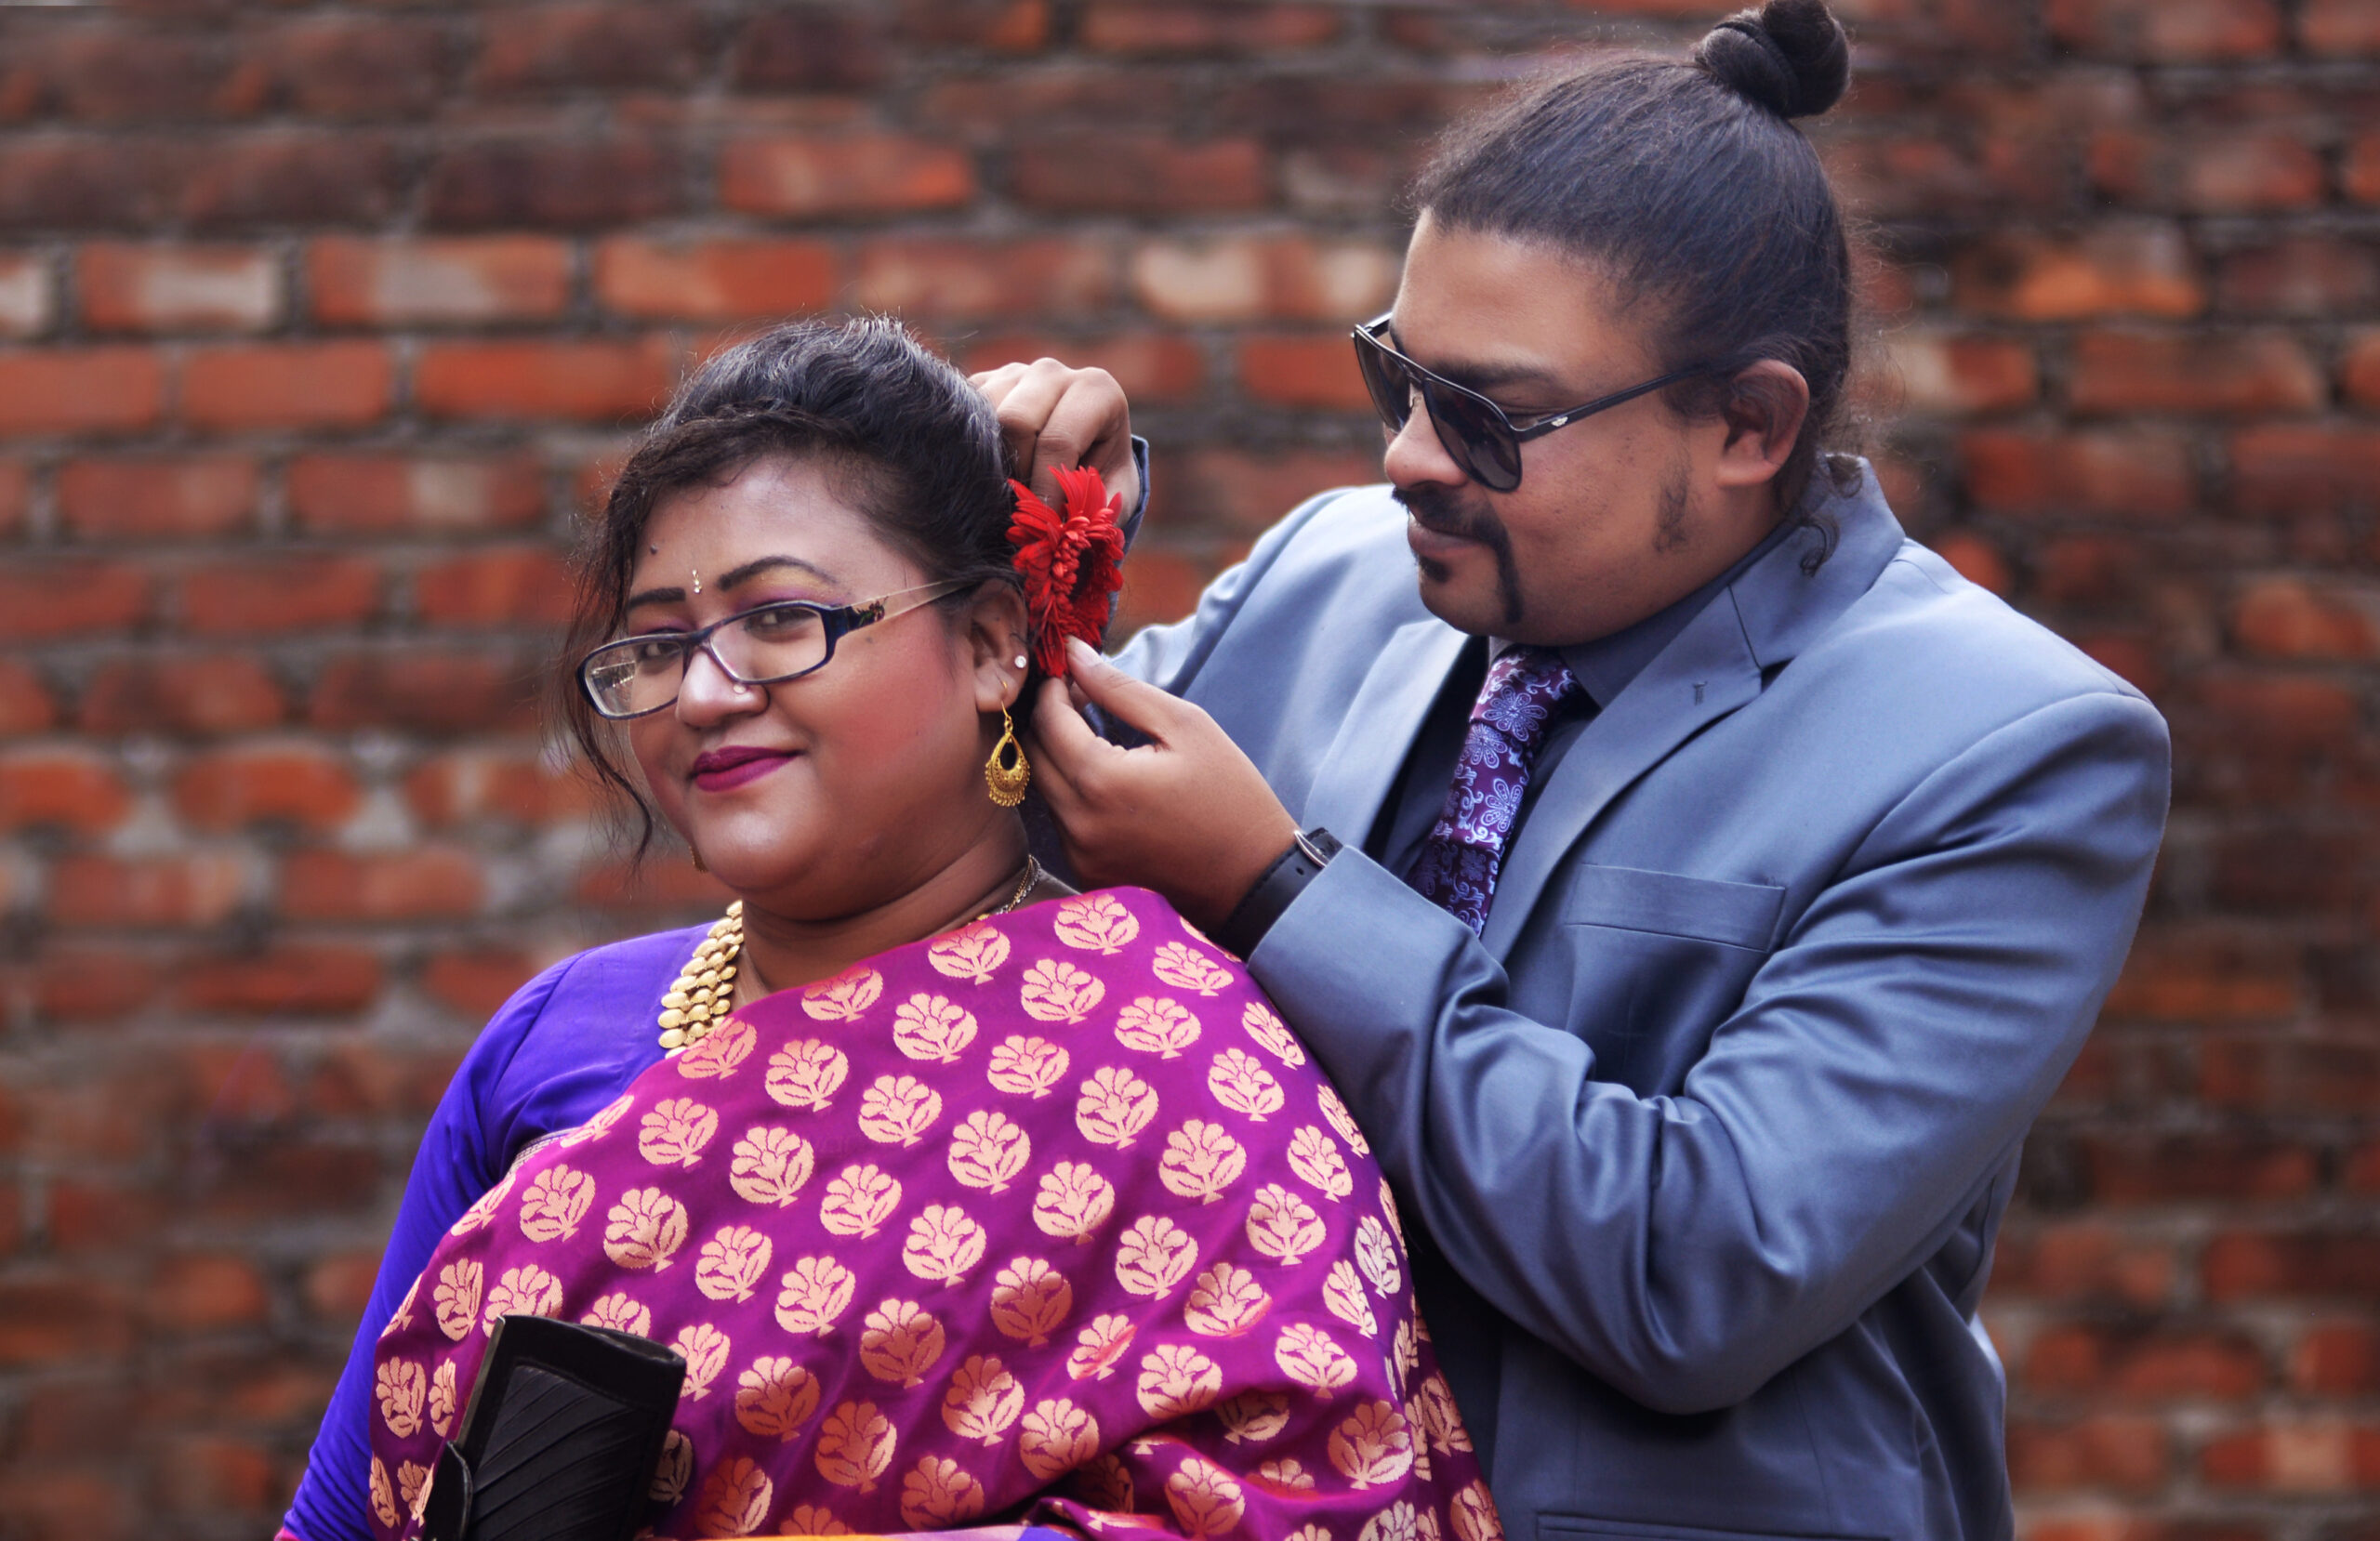 পয়লা ফাল্গুন ও ভ্যালেন্টাইন ডেঃ-  হৃদি ভেসে যাক আজ ভালবাসা জলে